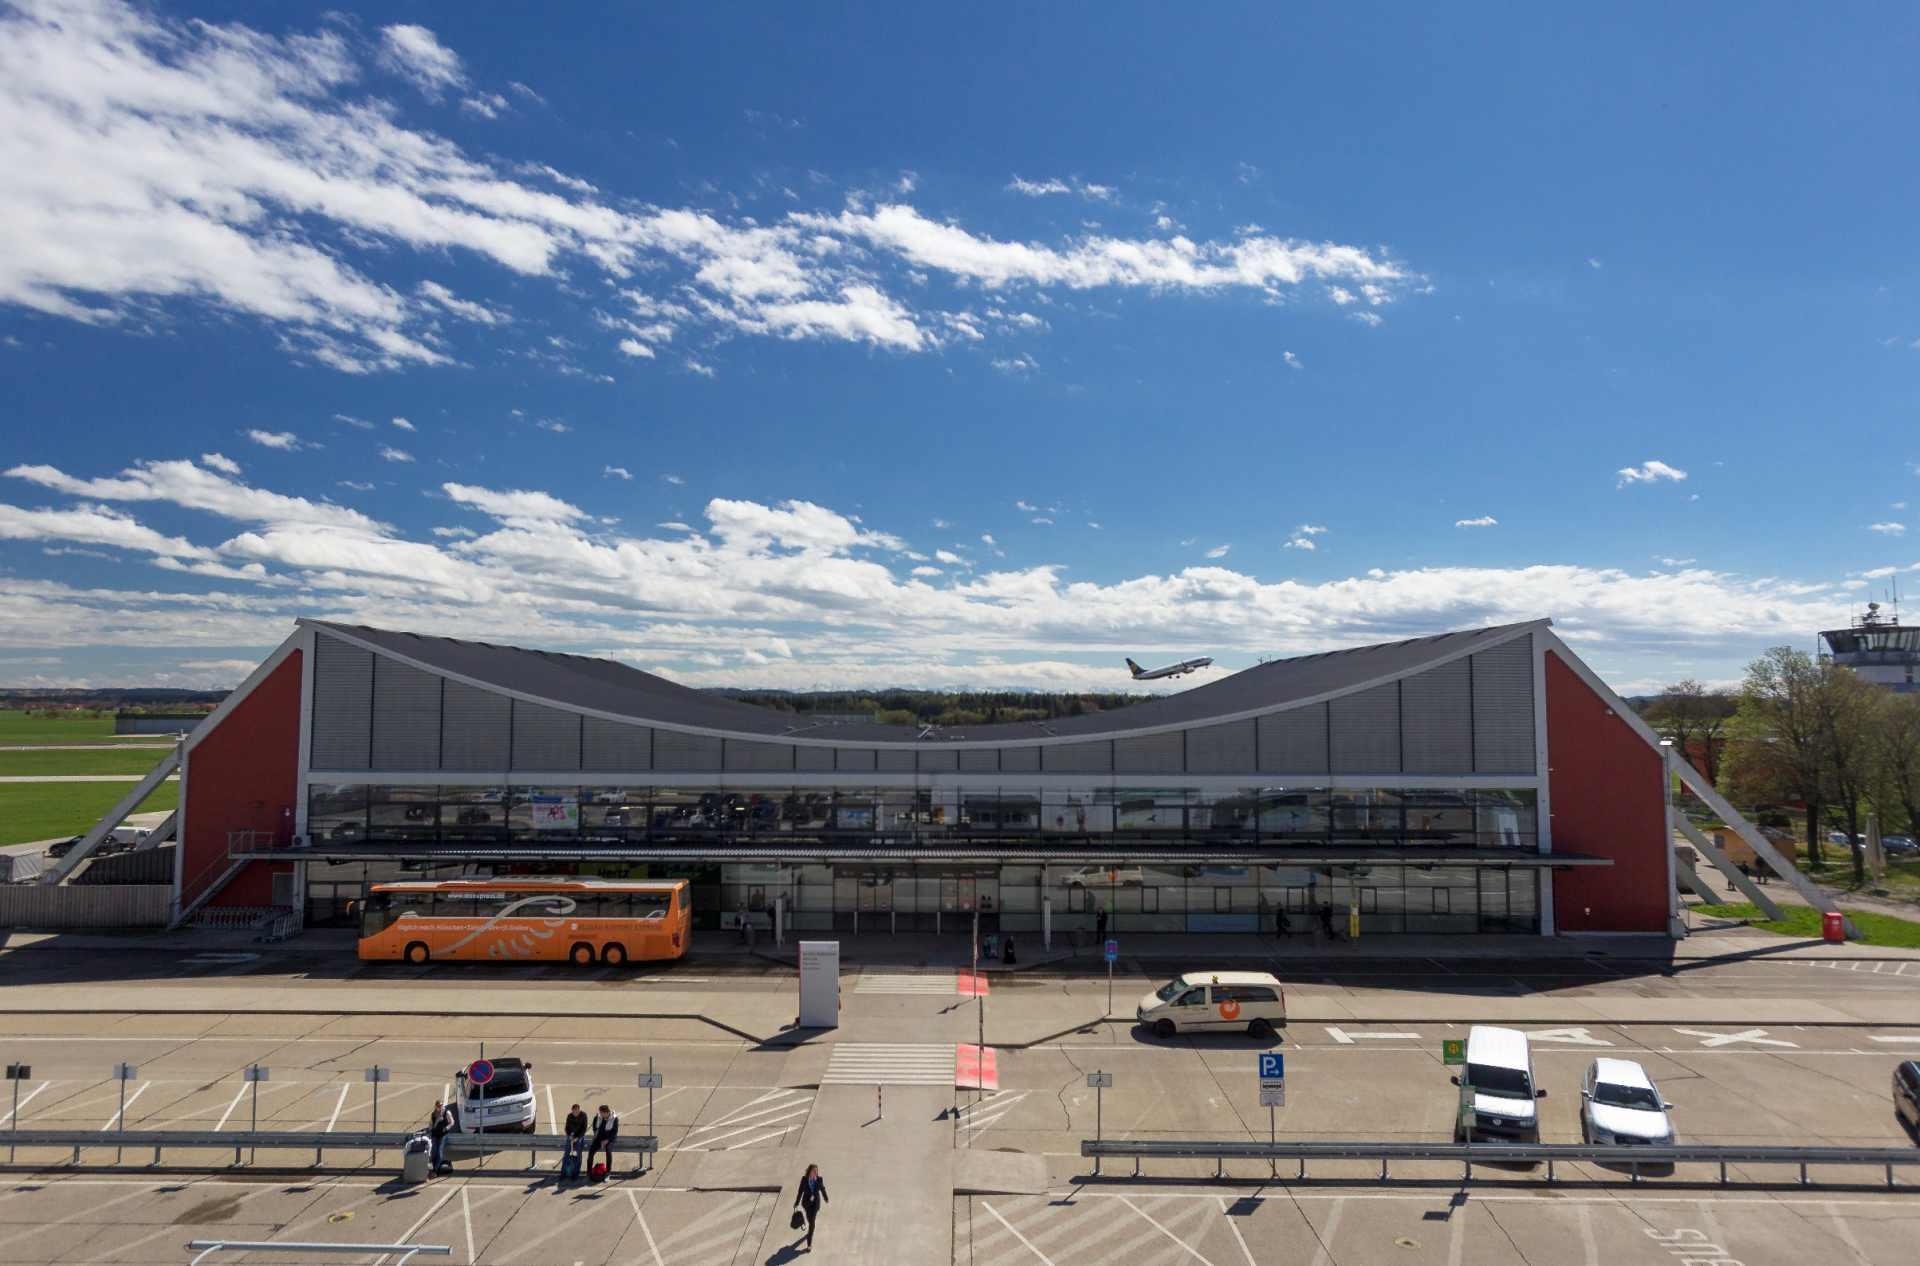 Flughafen Memmingen Terminal